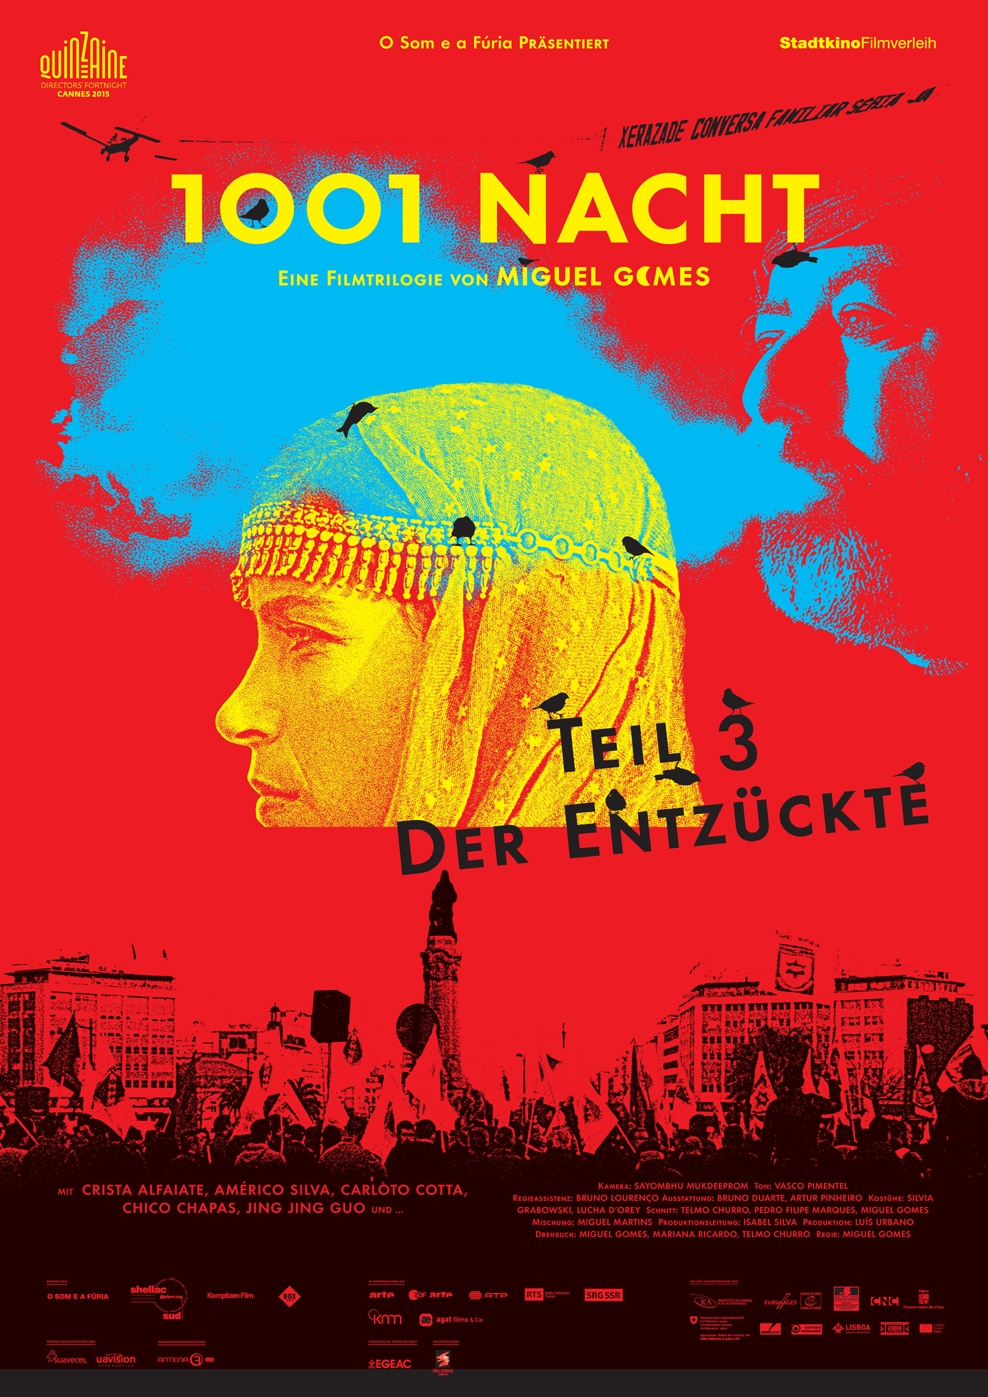 1001 Nacht - Teil 3: Der Entzückte (Poster)